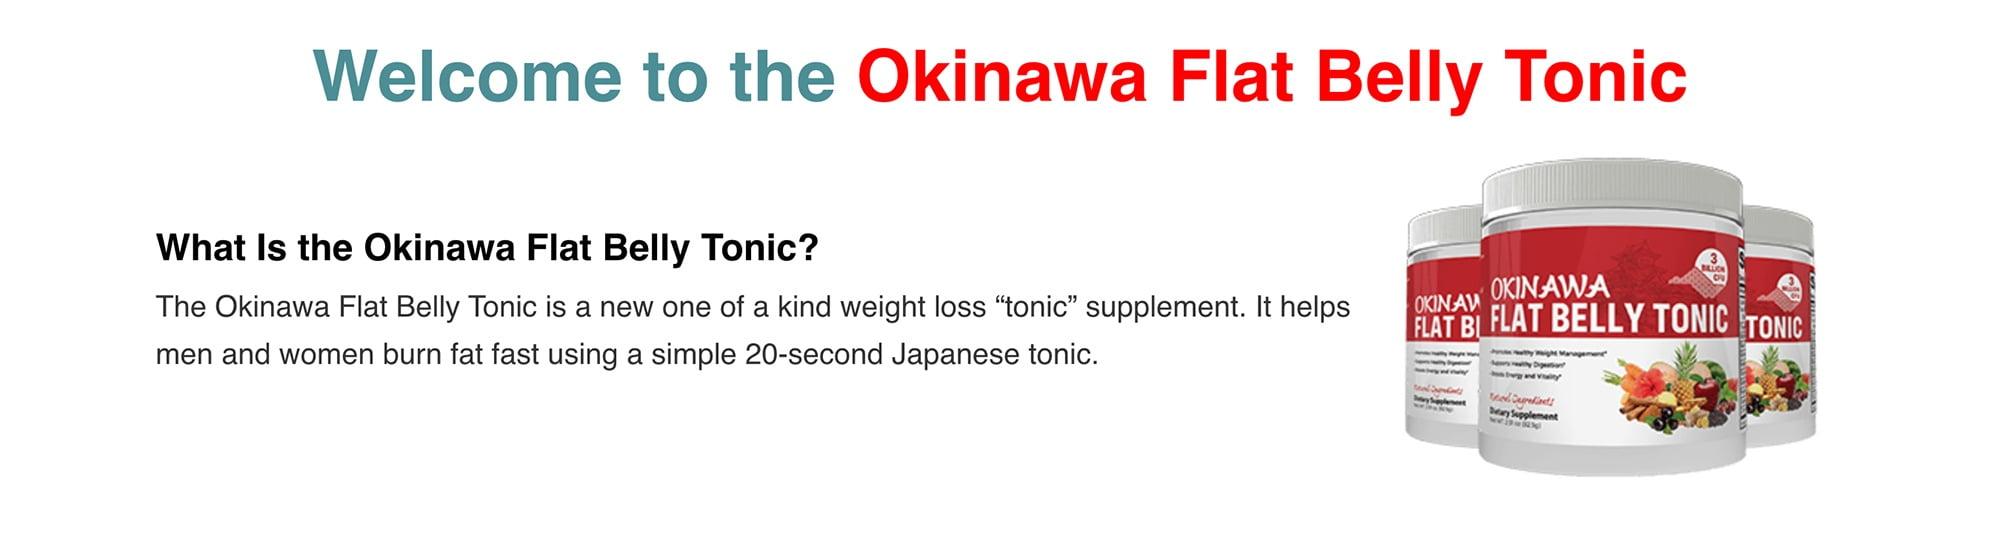 Okinawa Flat Belly Tonic 1